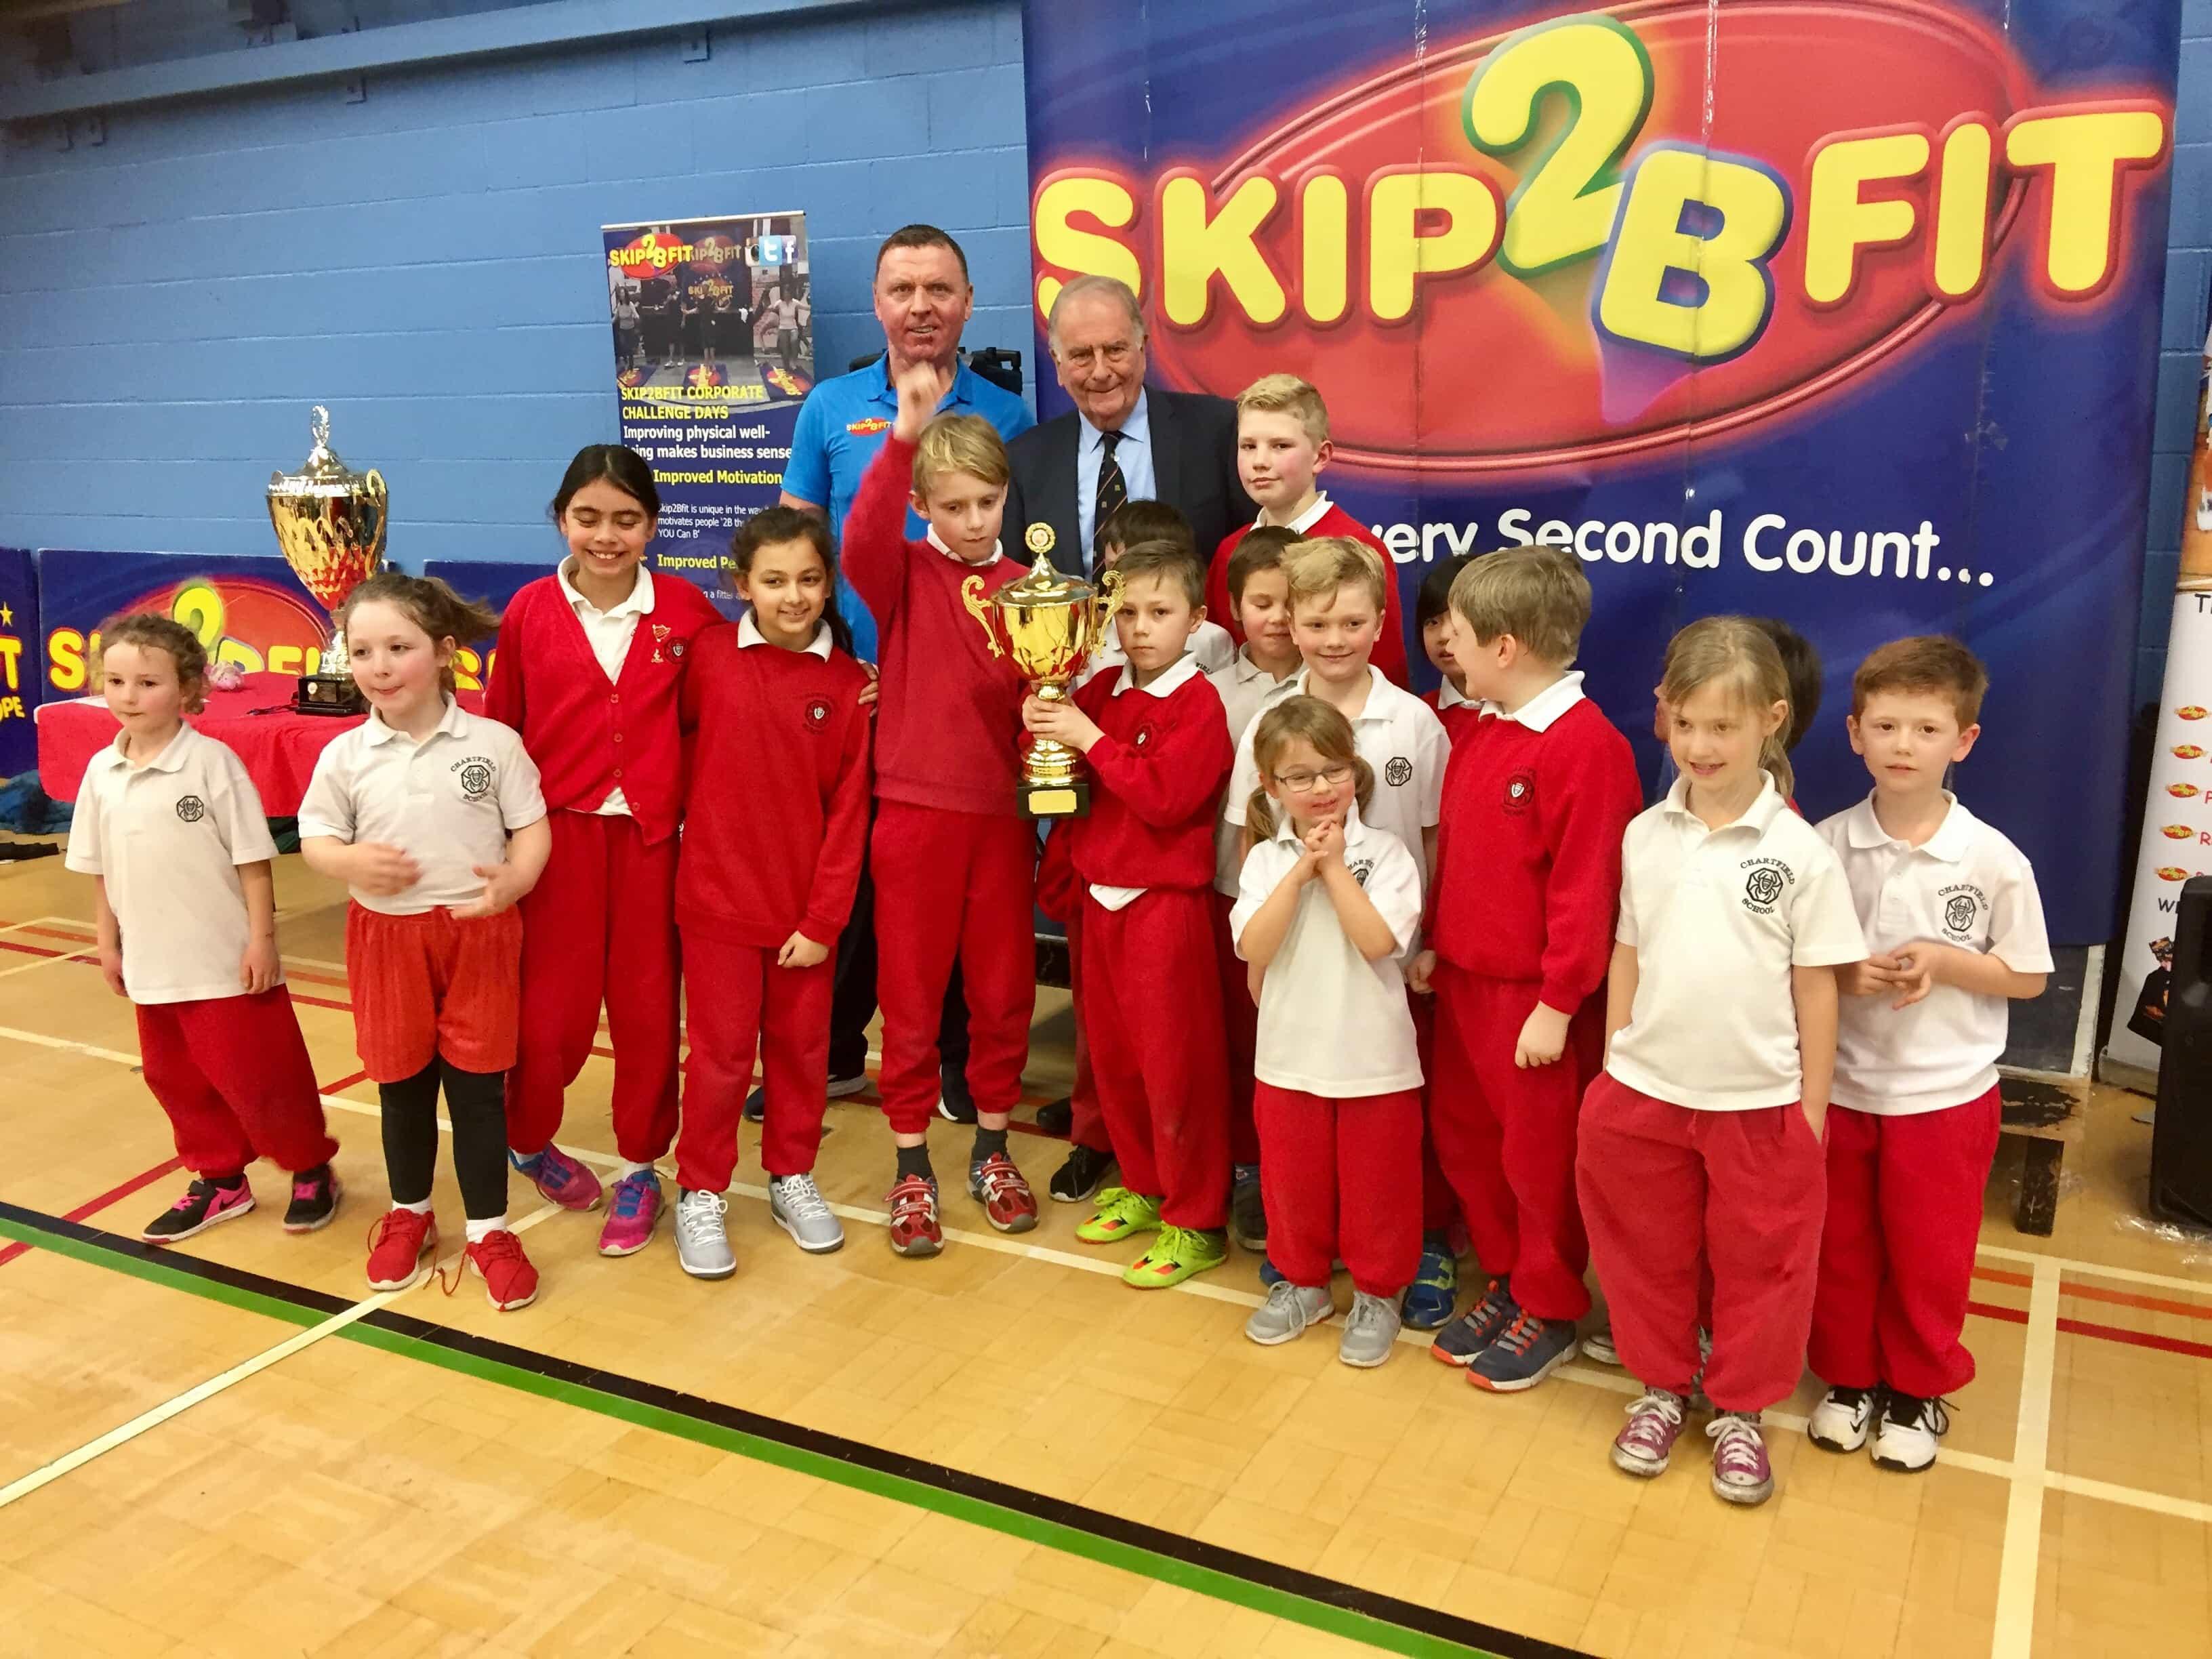 Chartfield Skip2Bfit Best Effort winners 2017